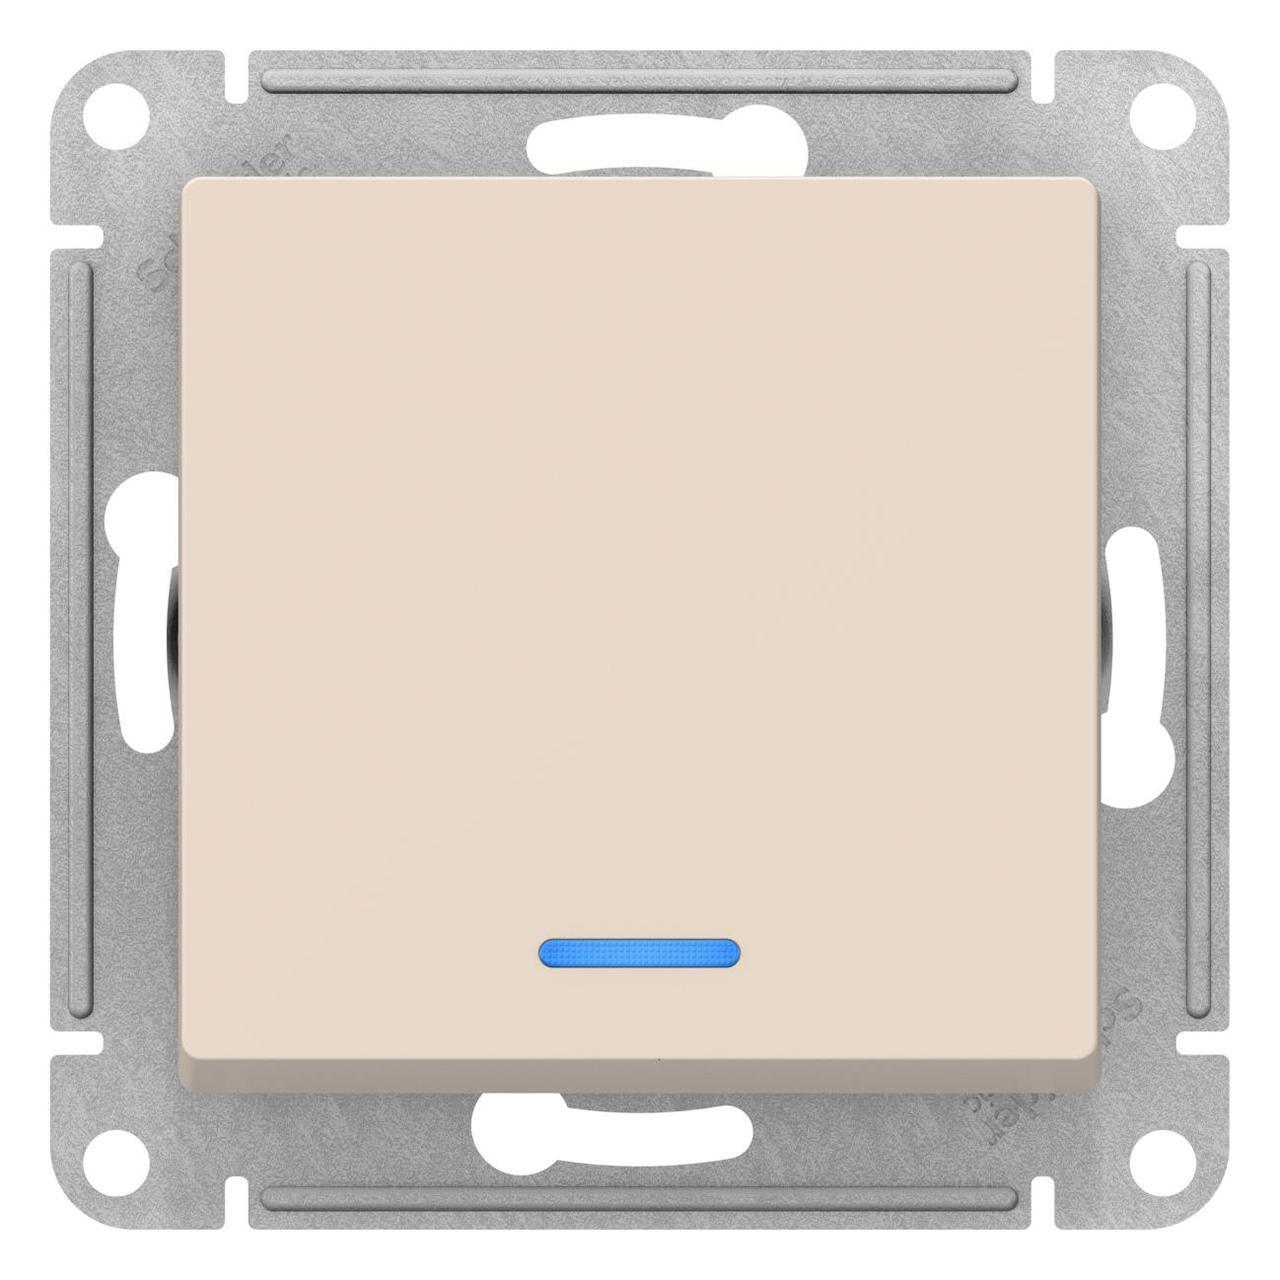 Выключатель 1-клавишный ,проходной с индикацией (с двух мест) , Бежевый, серия Atlas Design, Schneider Electric